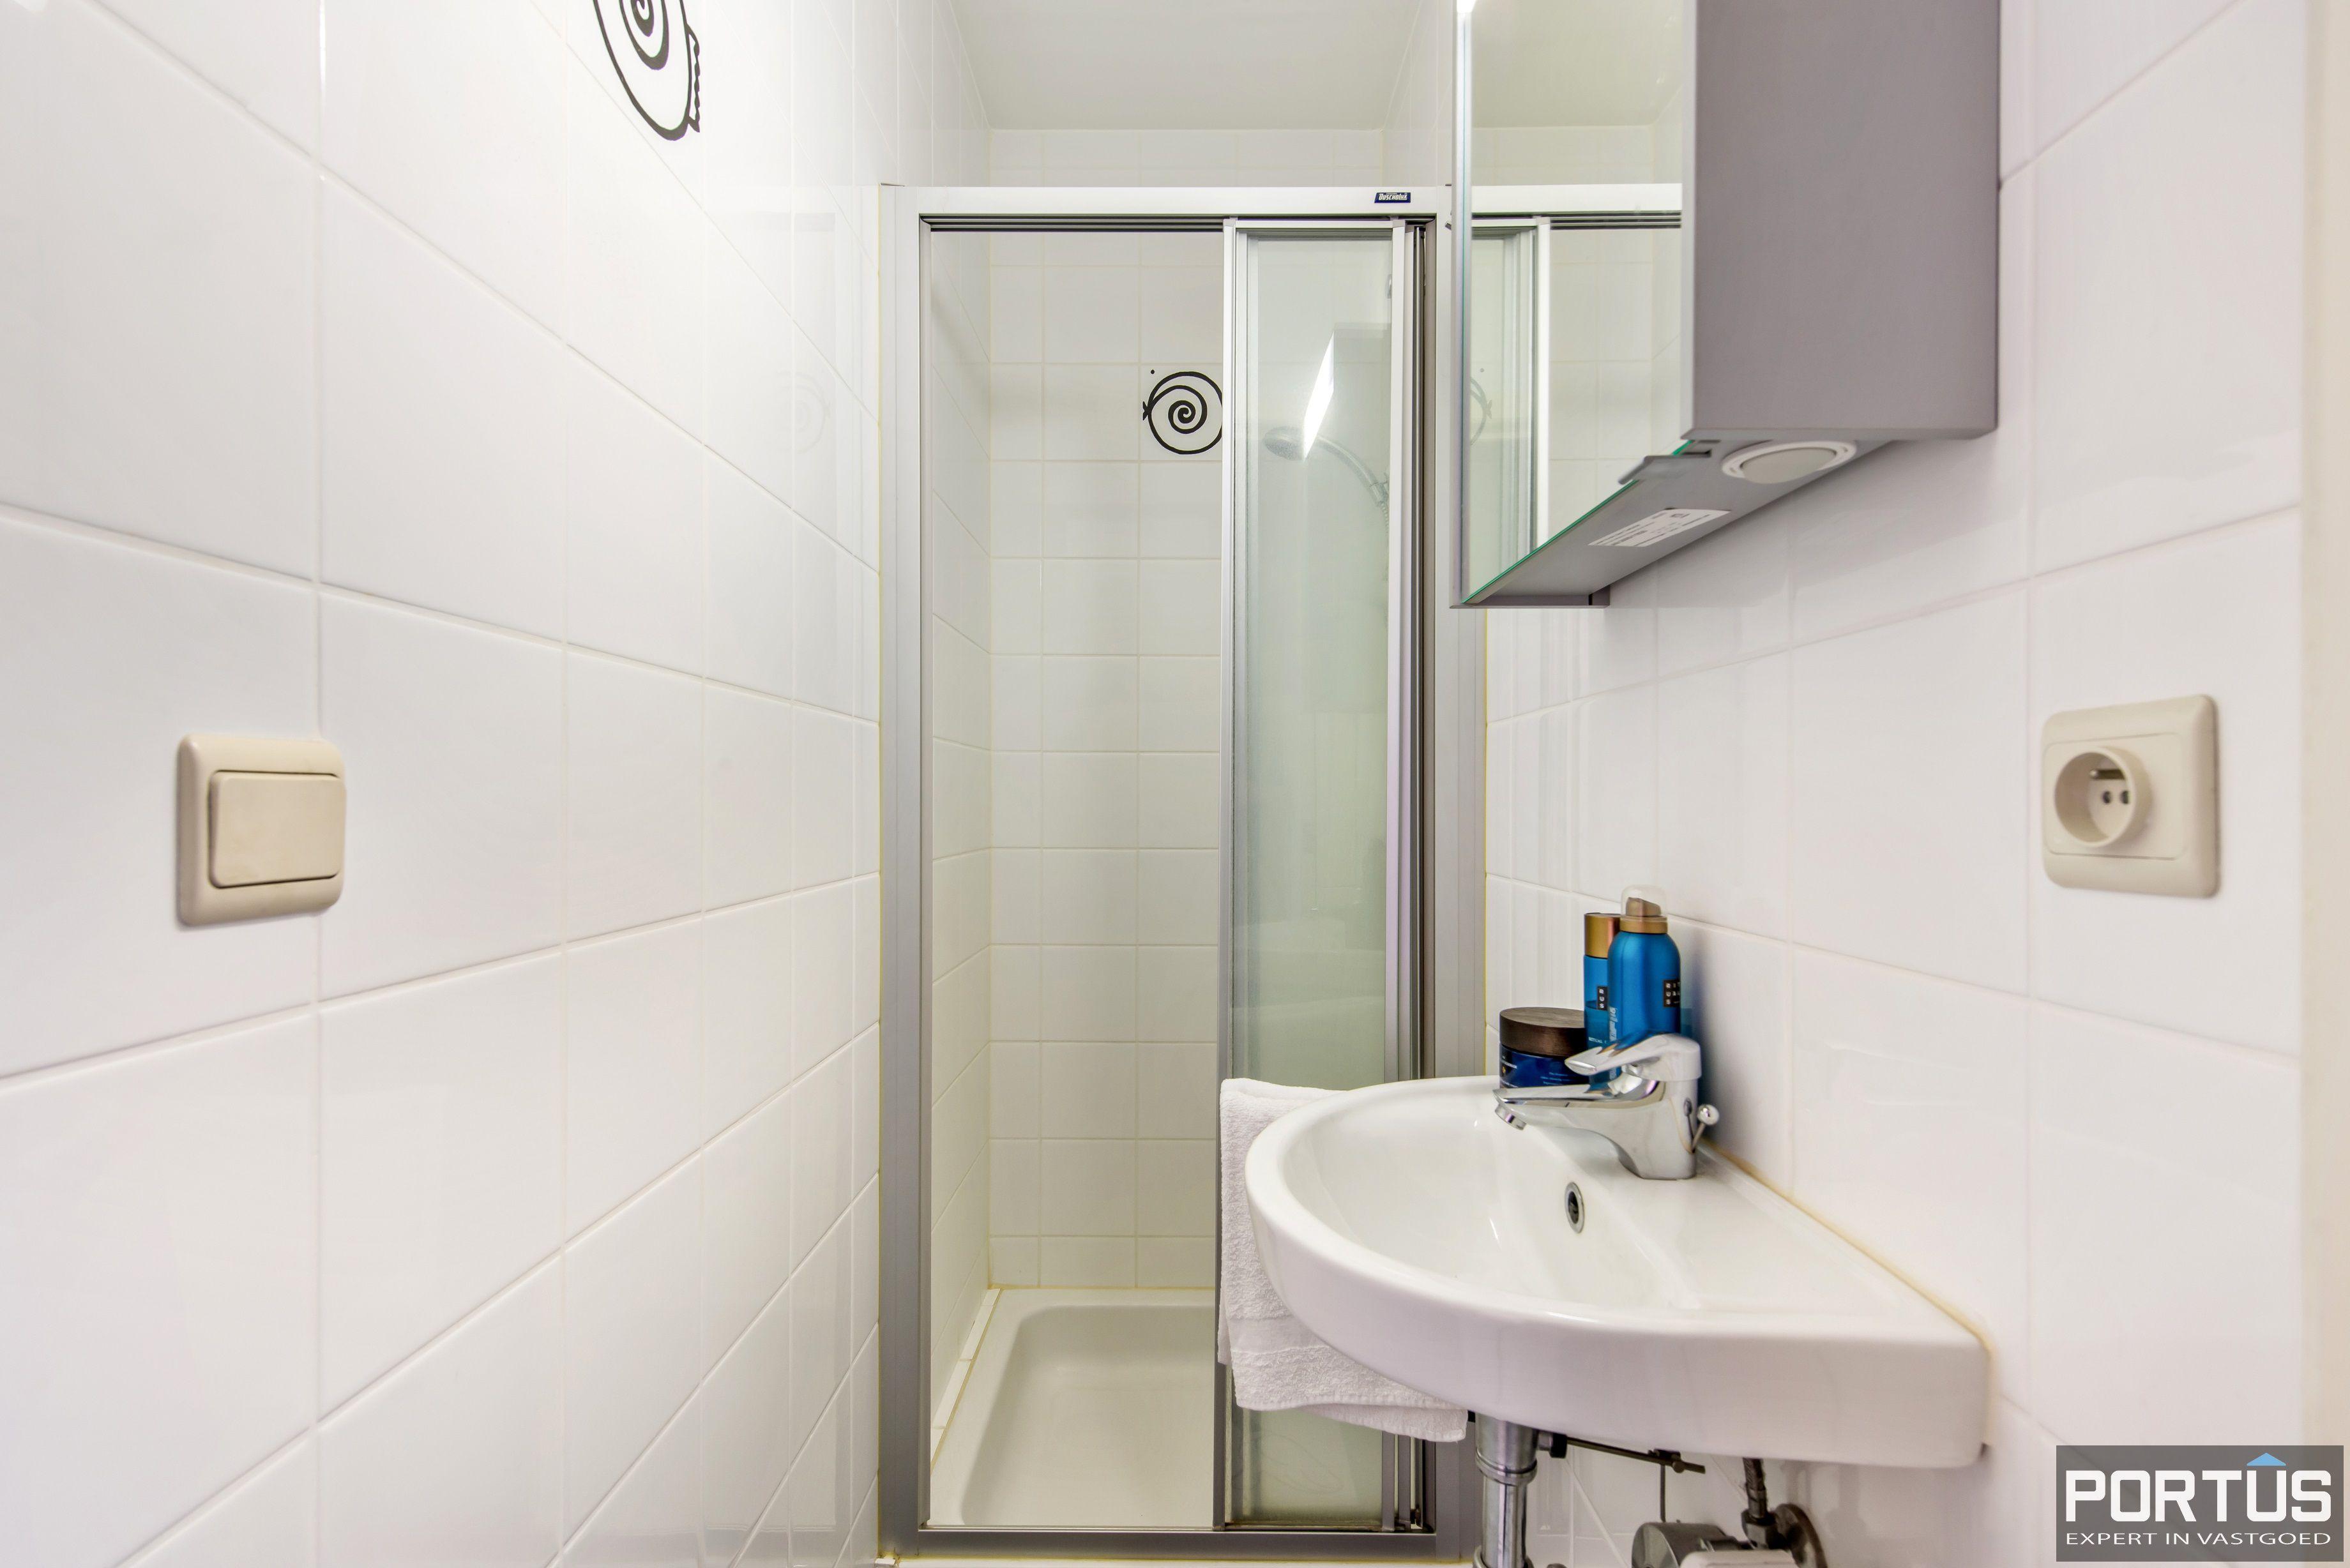 Instapklare duplex met 2 slaapkamers te koop te Nieuwpoort - 11641